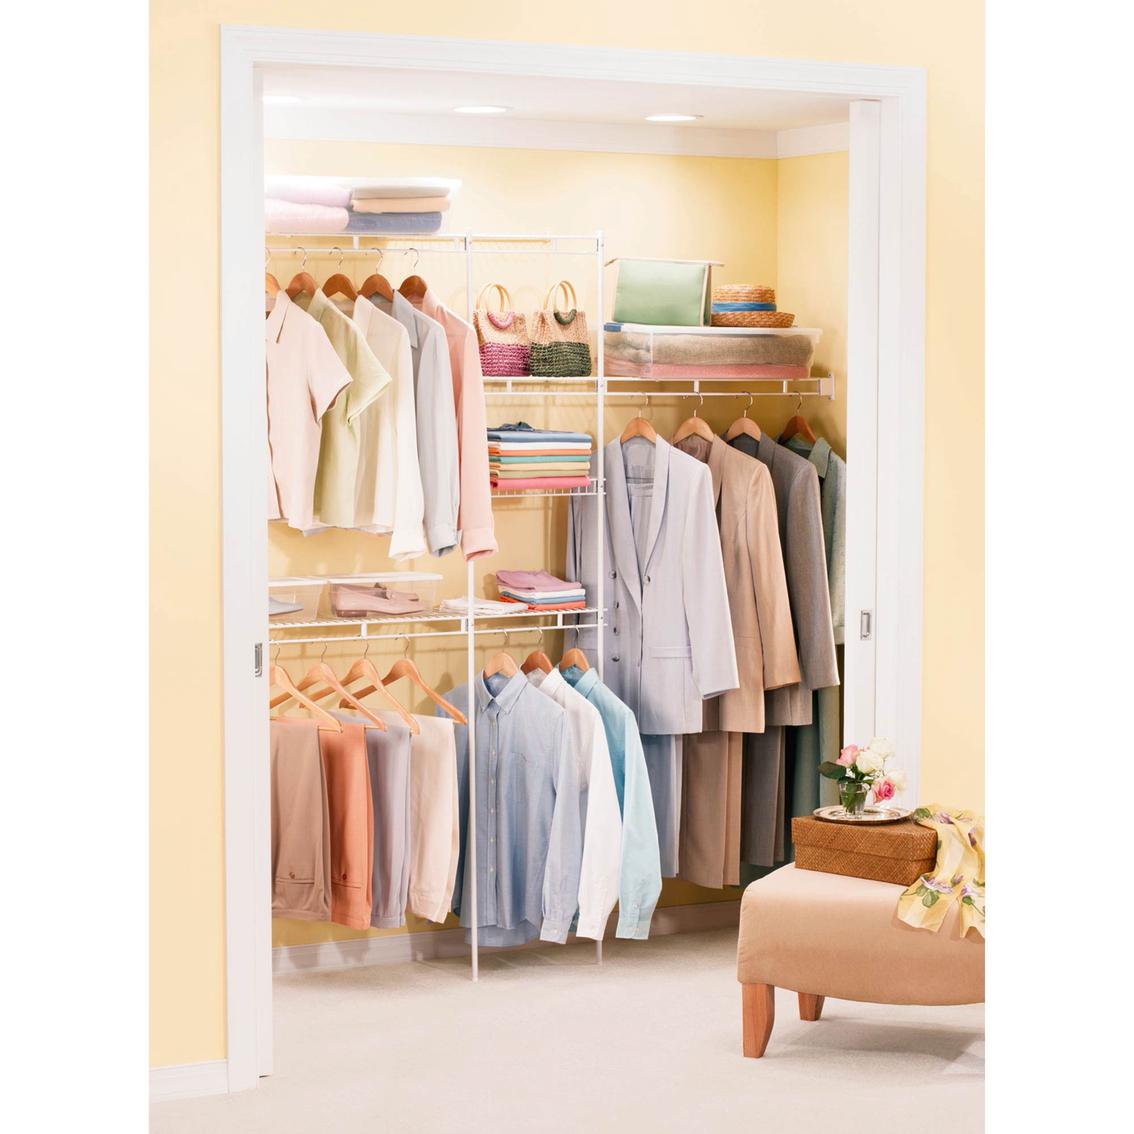 Rubbermaid Closet Kit Rein